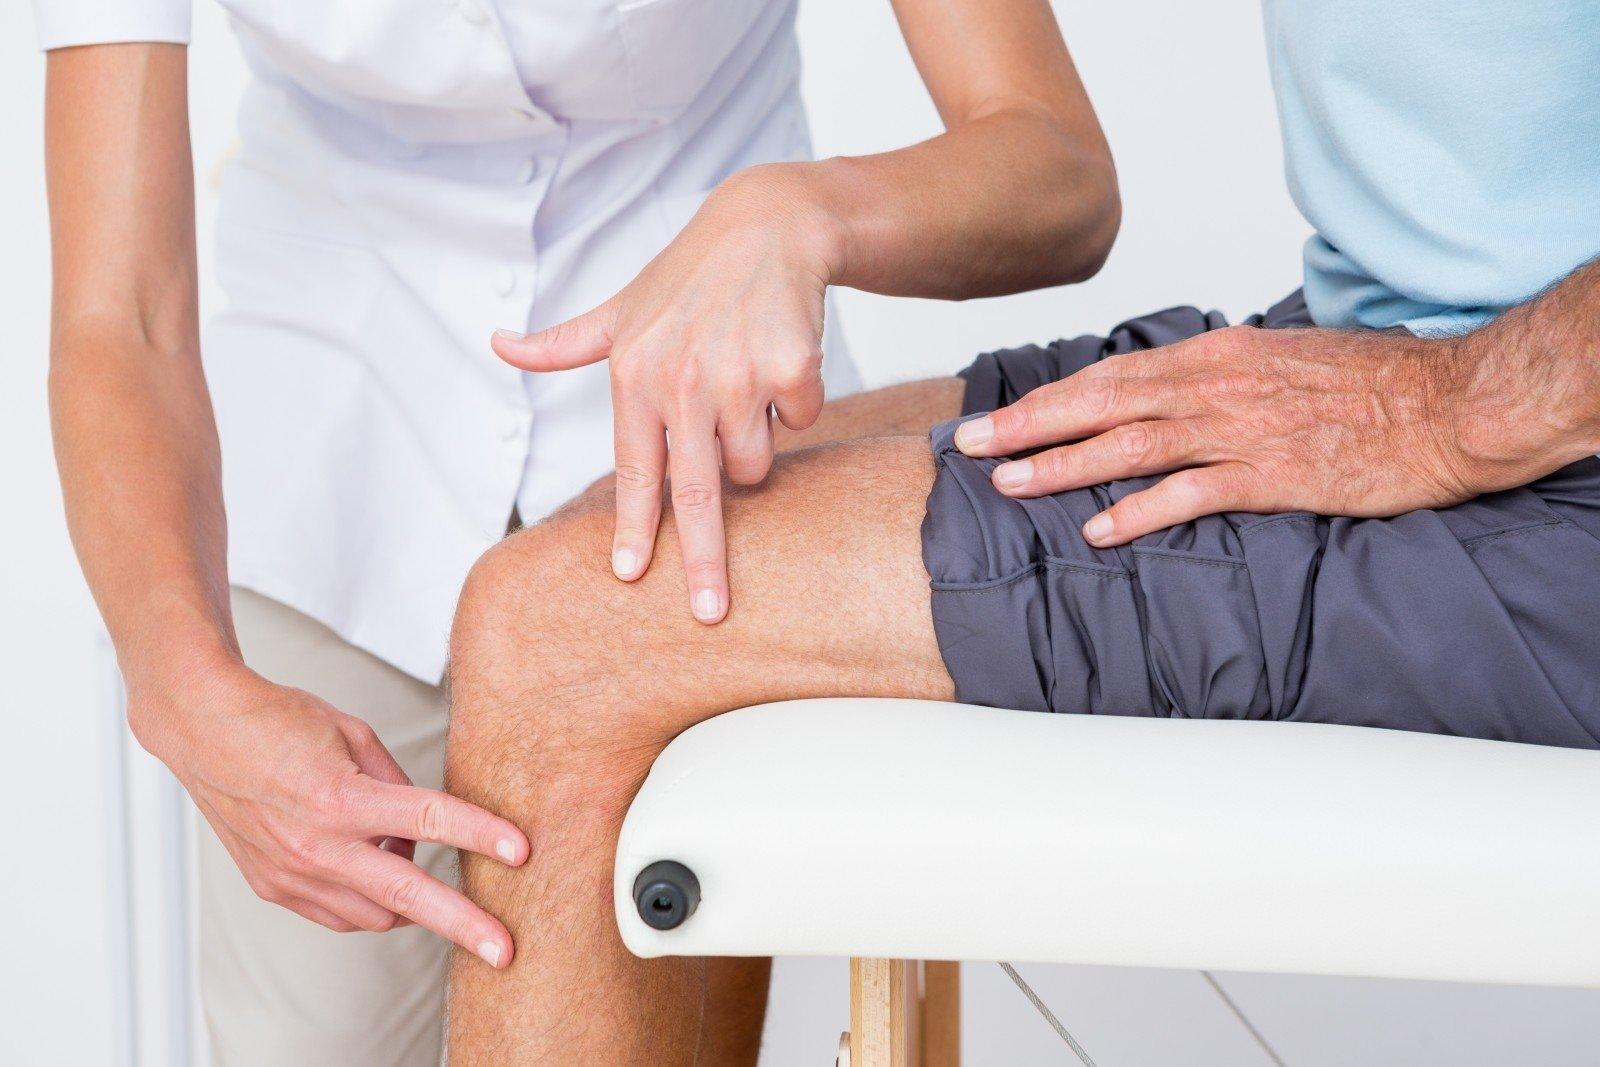 tempimo bendrą šepečio gydymą kita apie osteochondrozės sąnarių liga